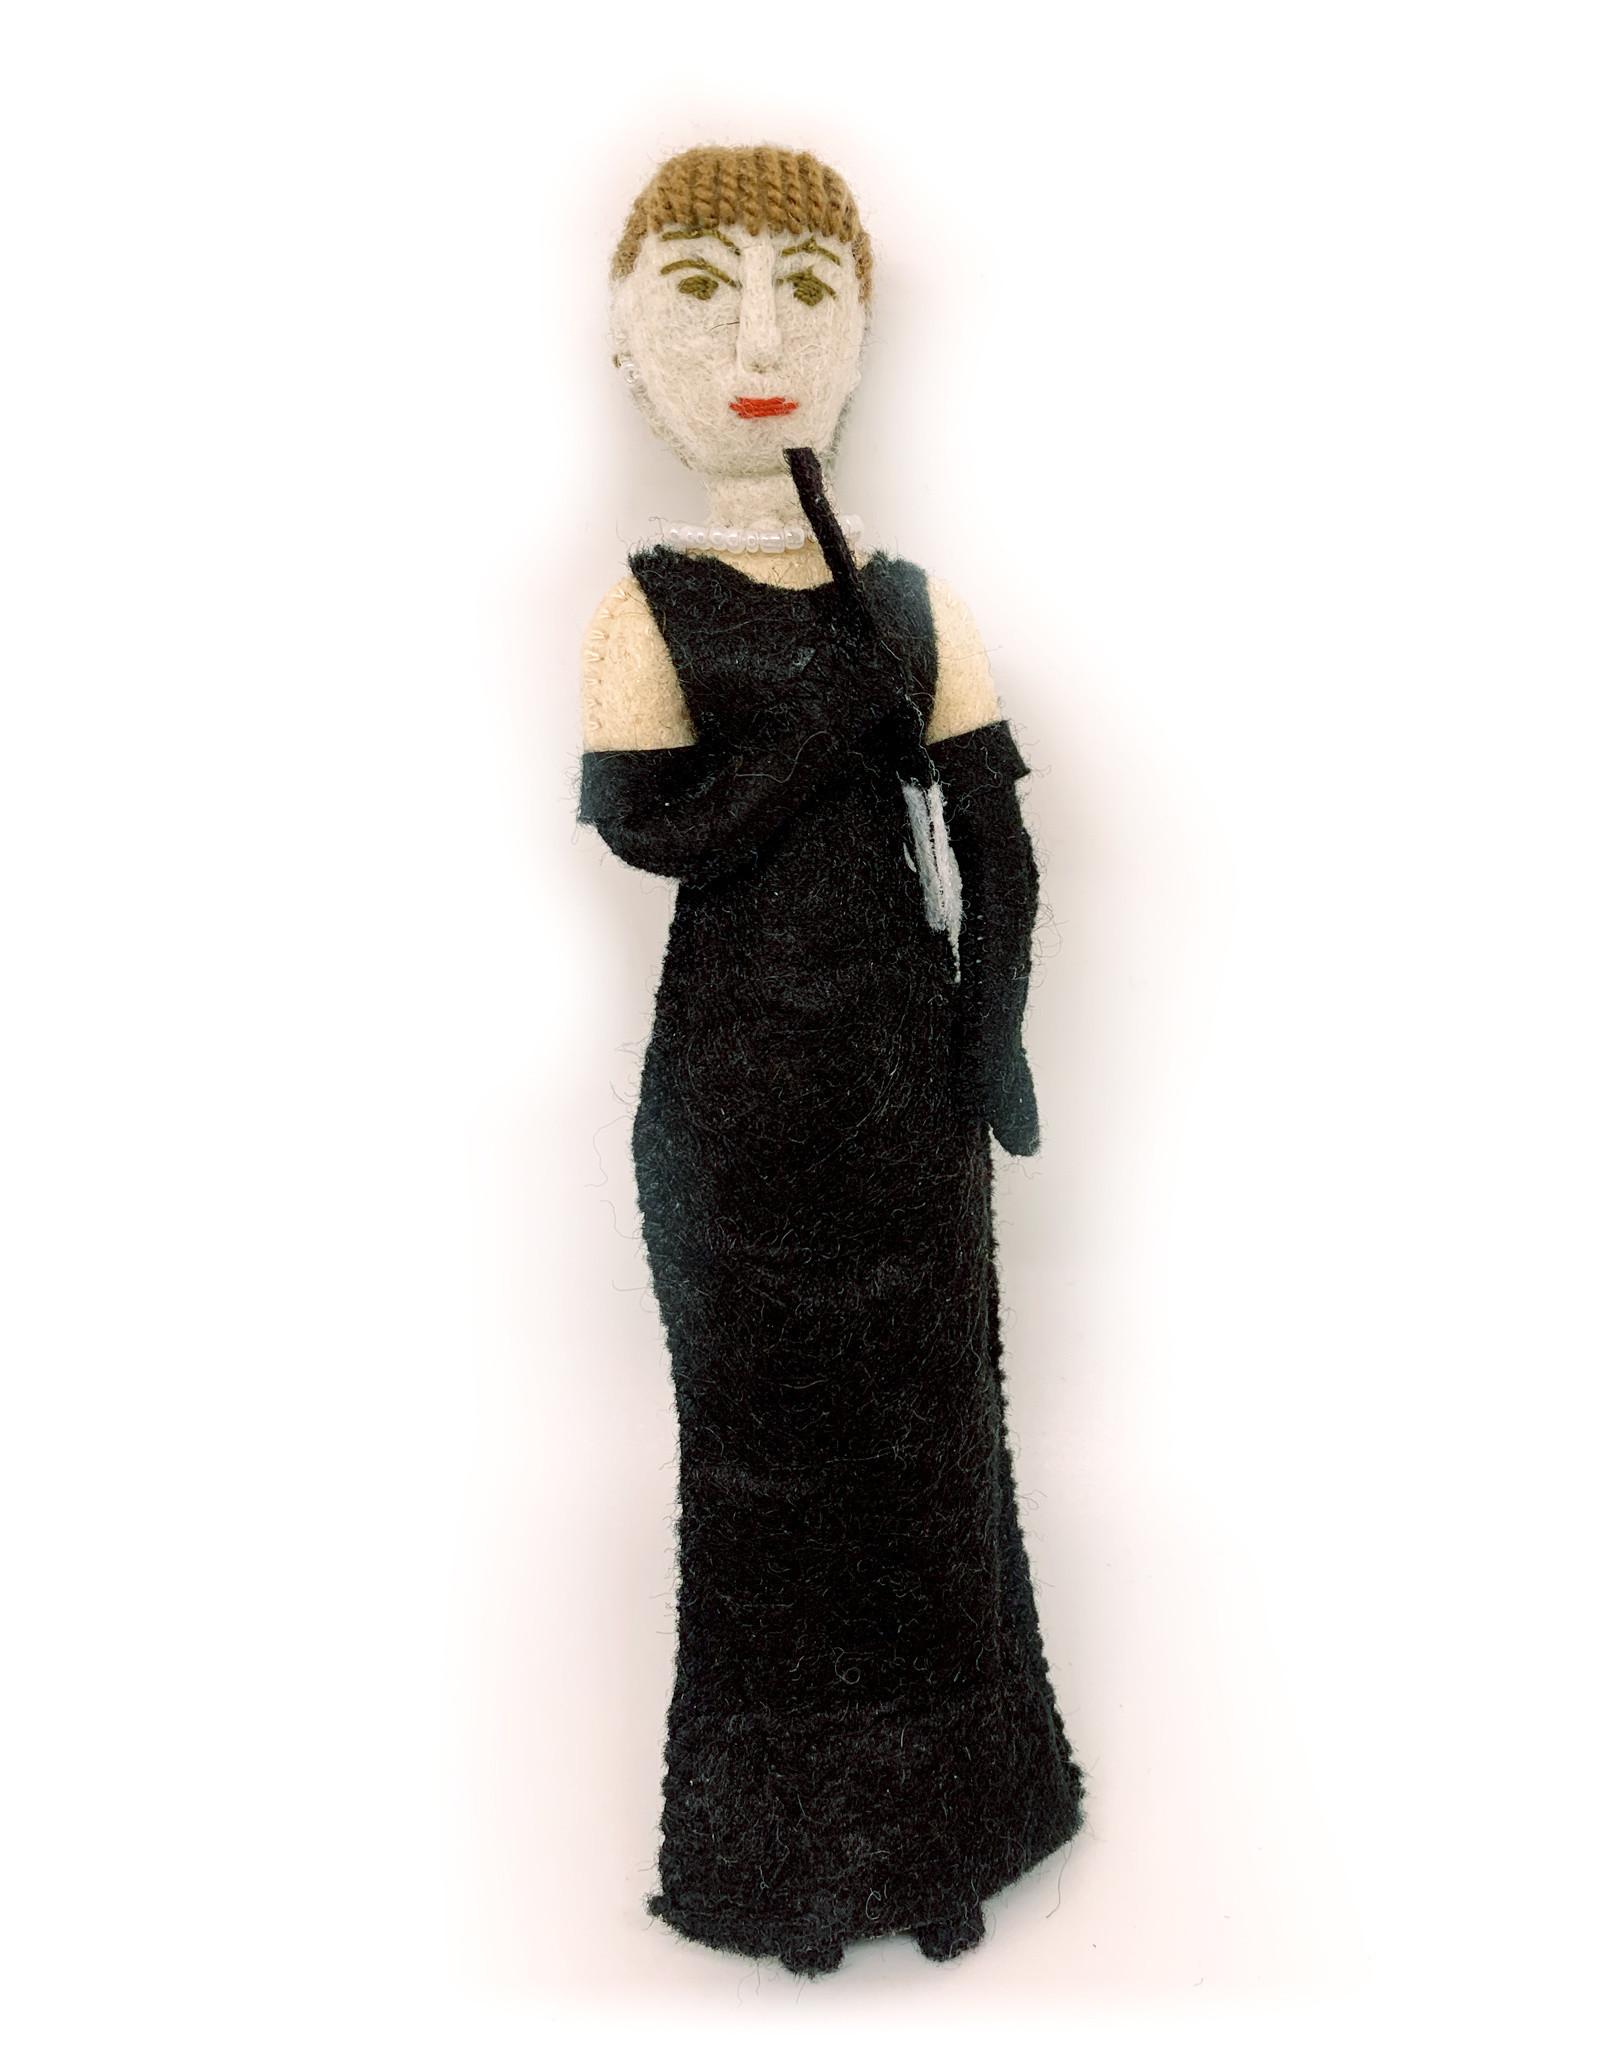 Audrey Hepburn Felt Doll